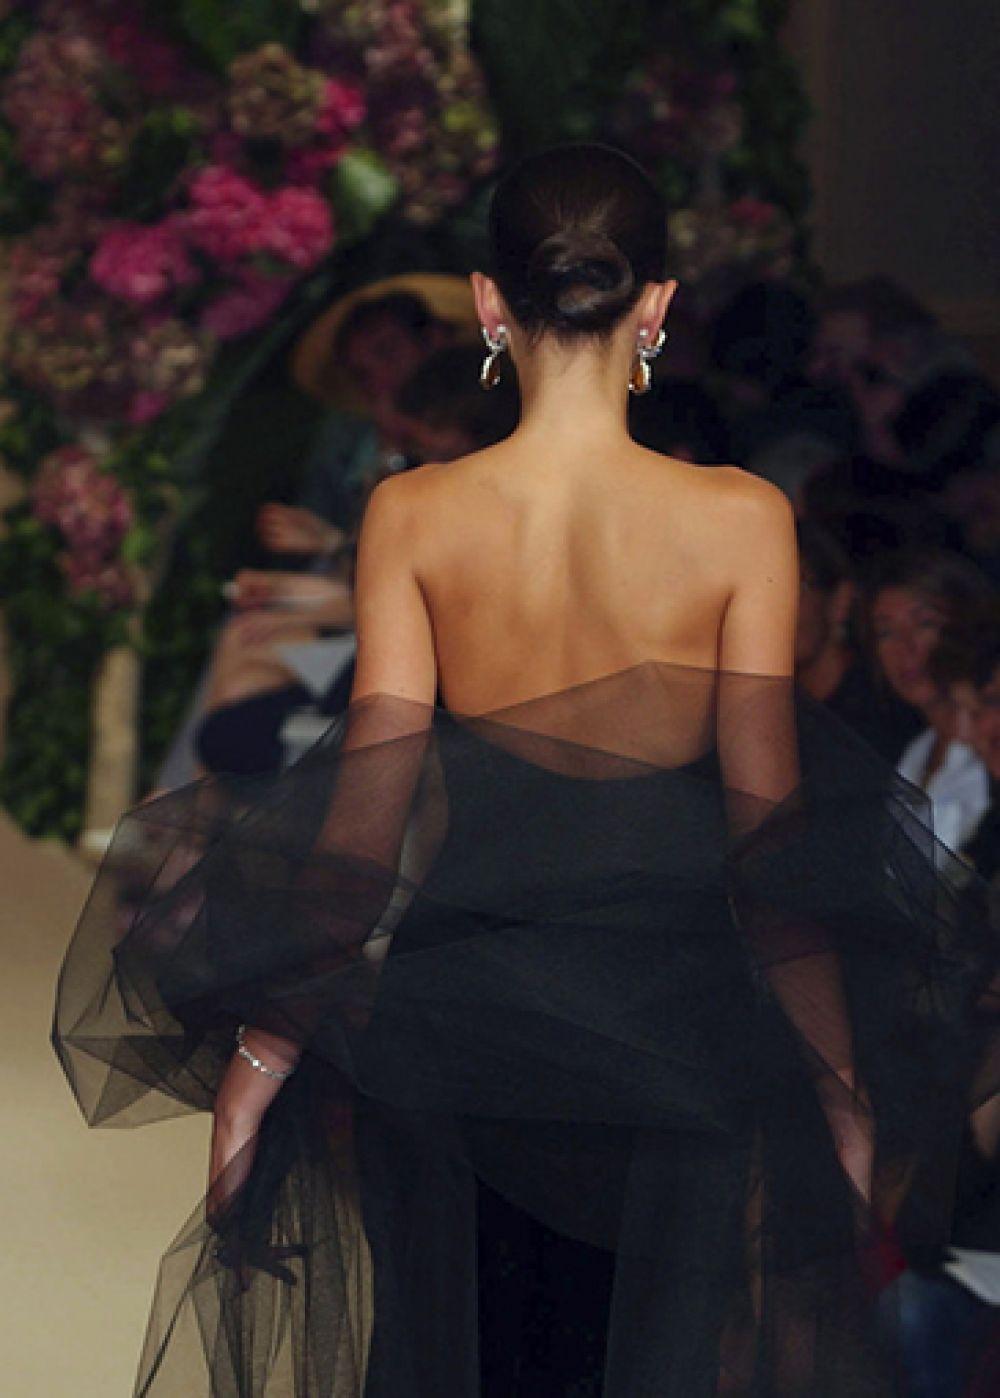 Благодаря модельеру в моду вошли нежные прозрачные шелковые блузы. Сен Лоран любил сочетание прозрачной ткани на голое тело и брючного костюма.